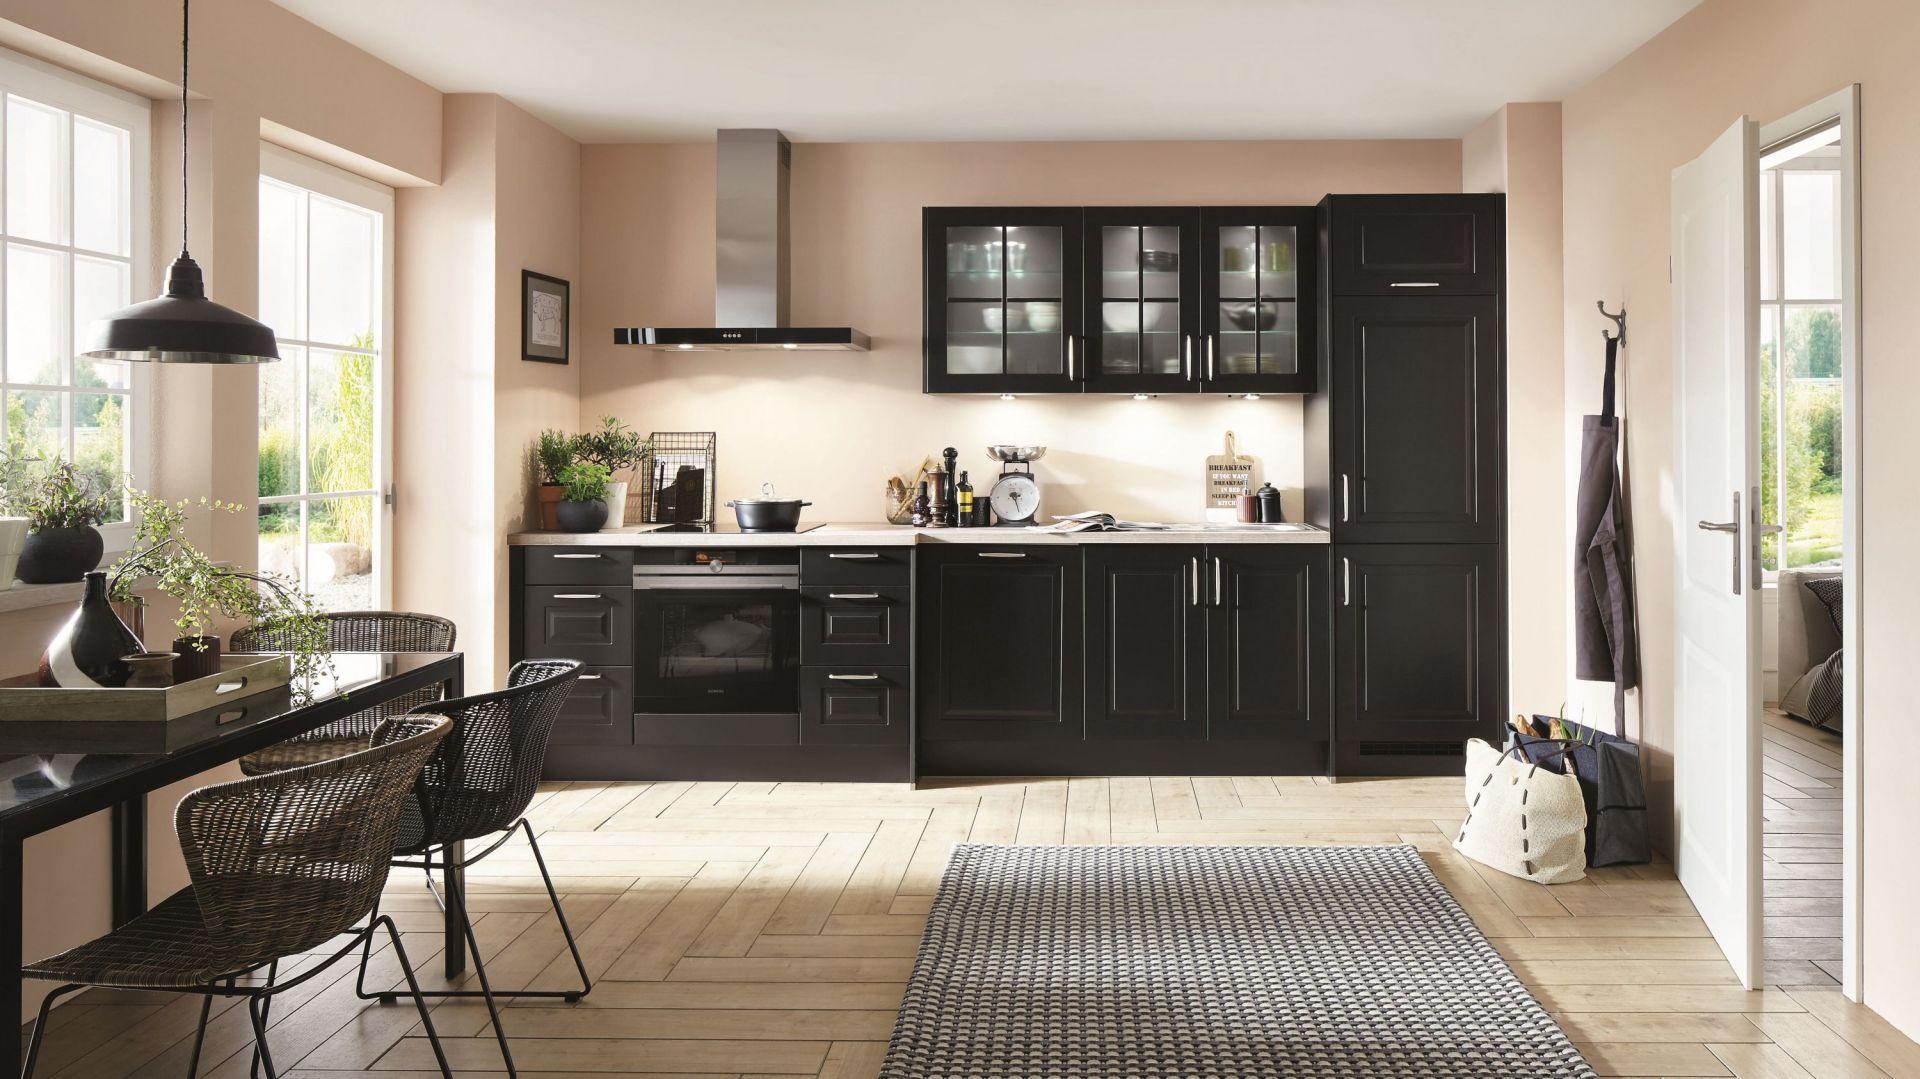 Czarna zabudowa w klasycznej kuchni. Fot. Verle Kuchen